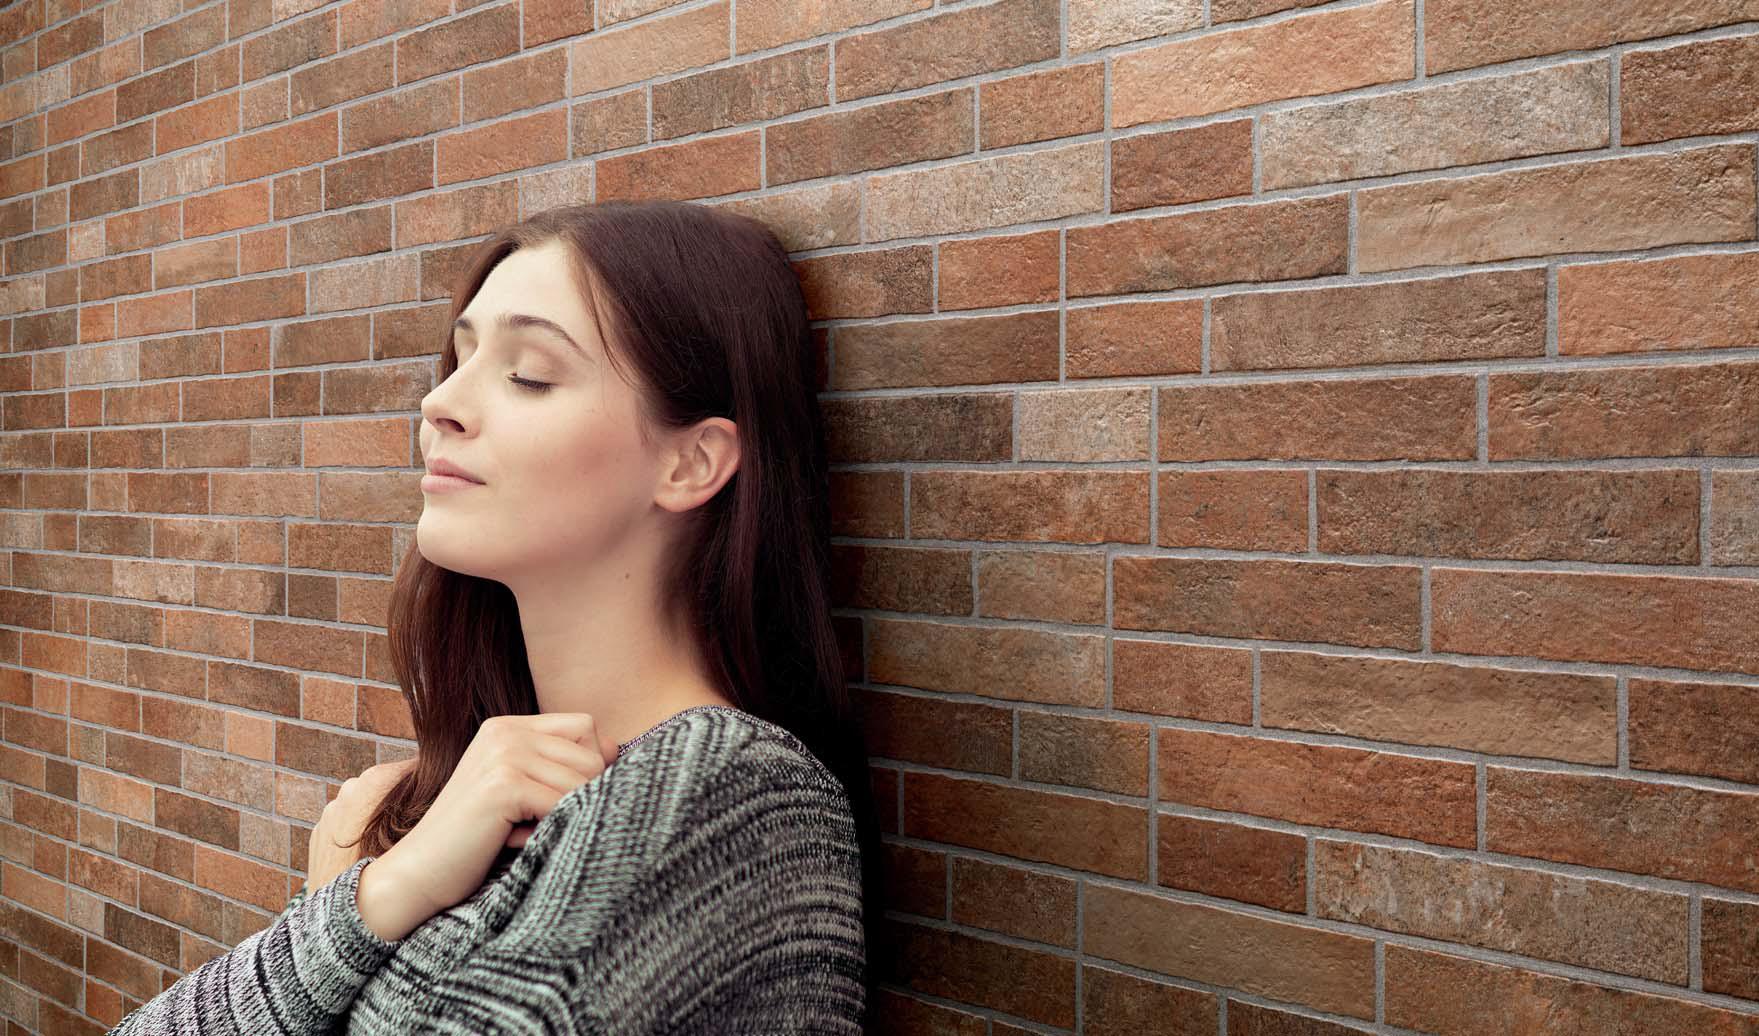 Piastrelle rivestimento mattone faccia a vista fiordo my brick liverpool muretto ebay - Piastrelle effetto mattone ...